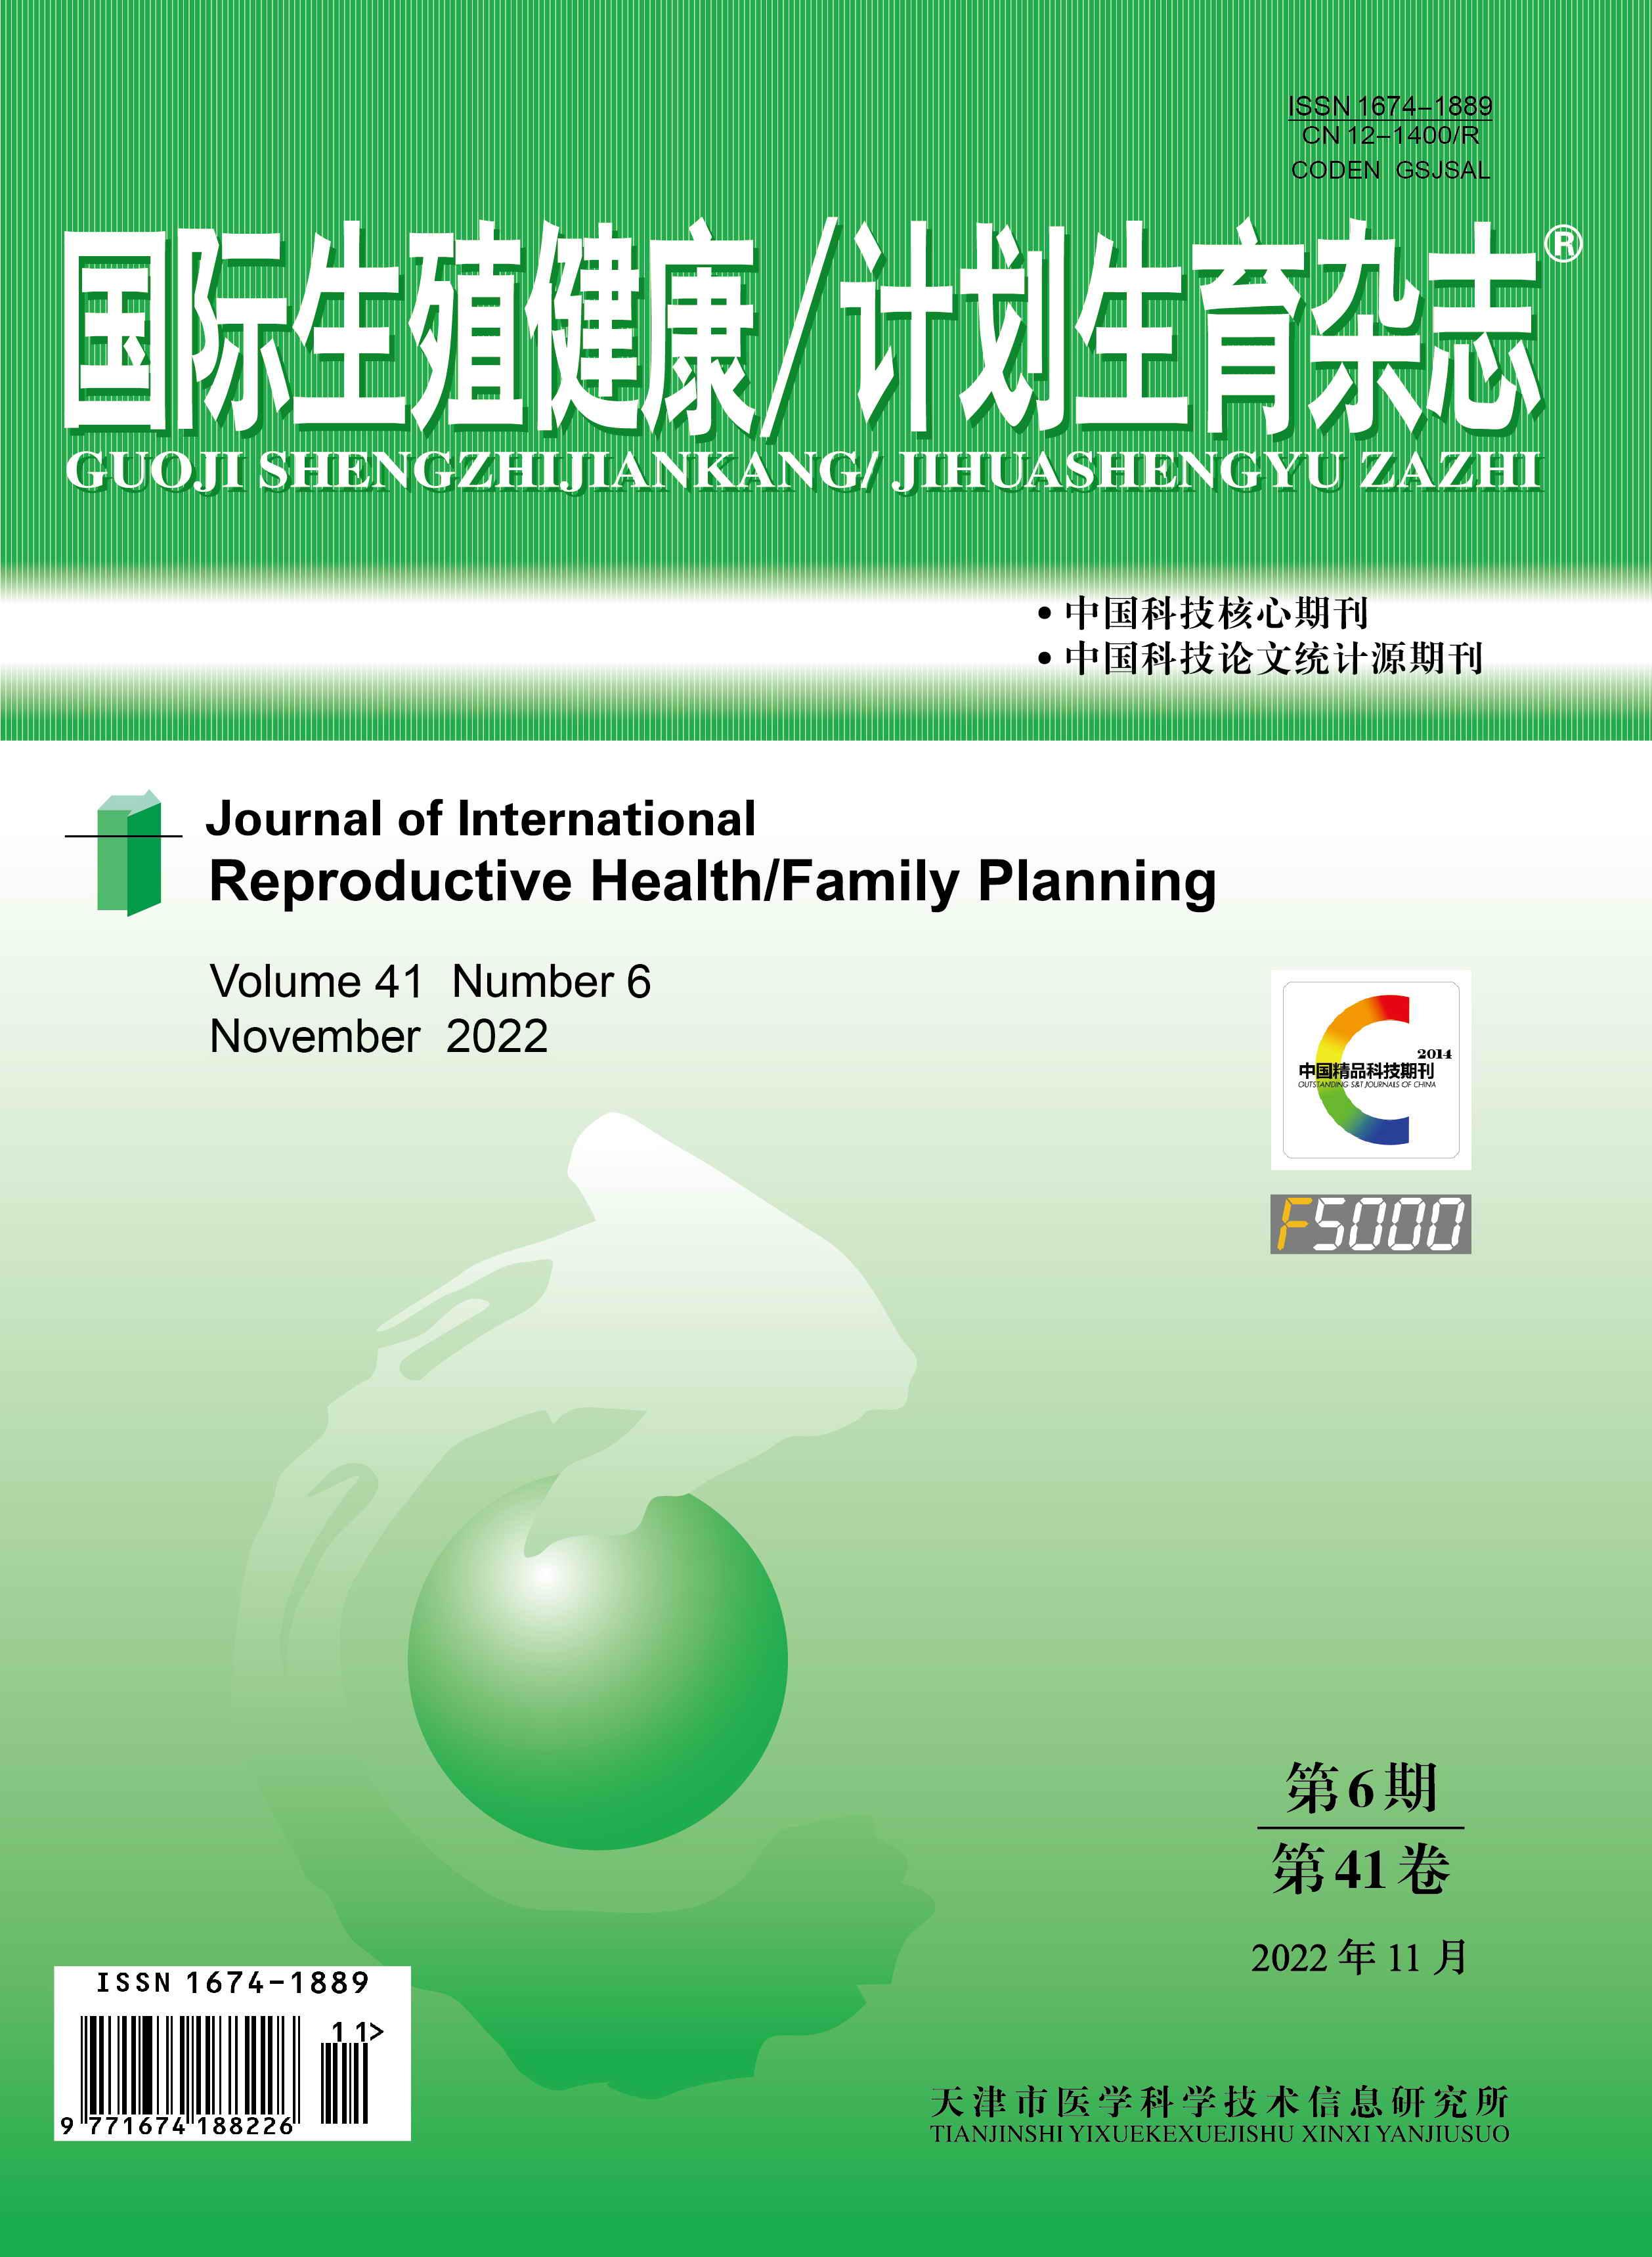 国际生殖健康/计划生育杂志